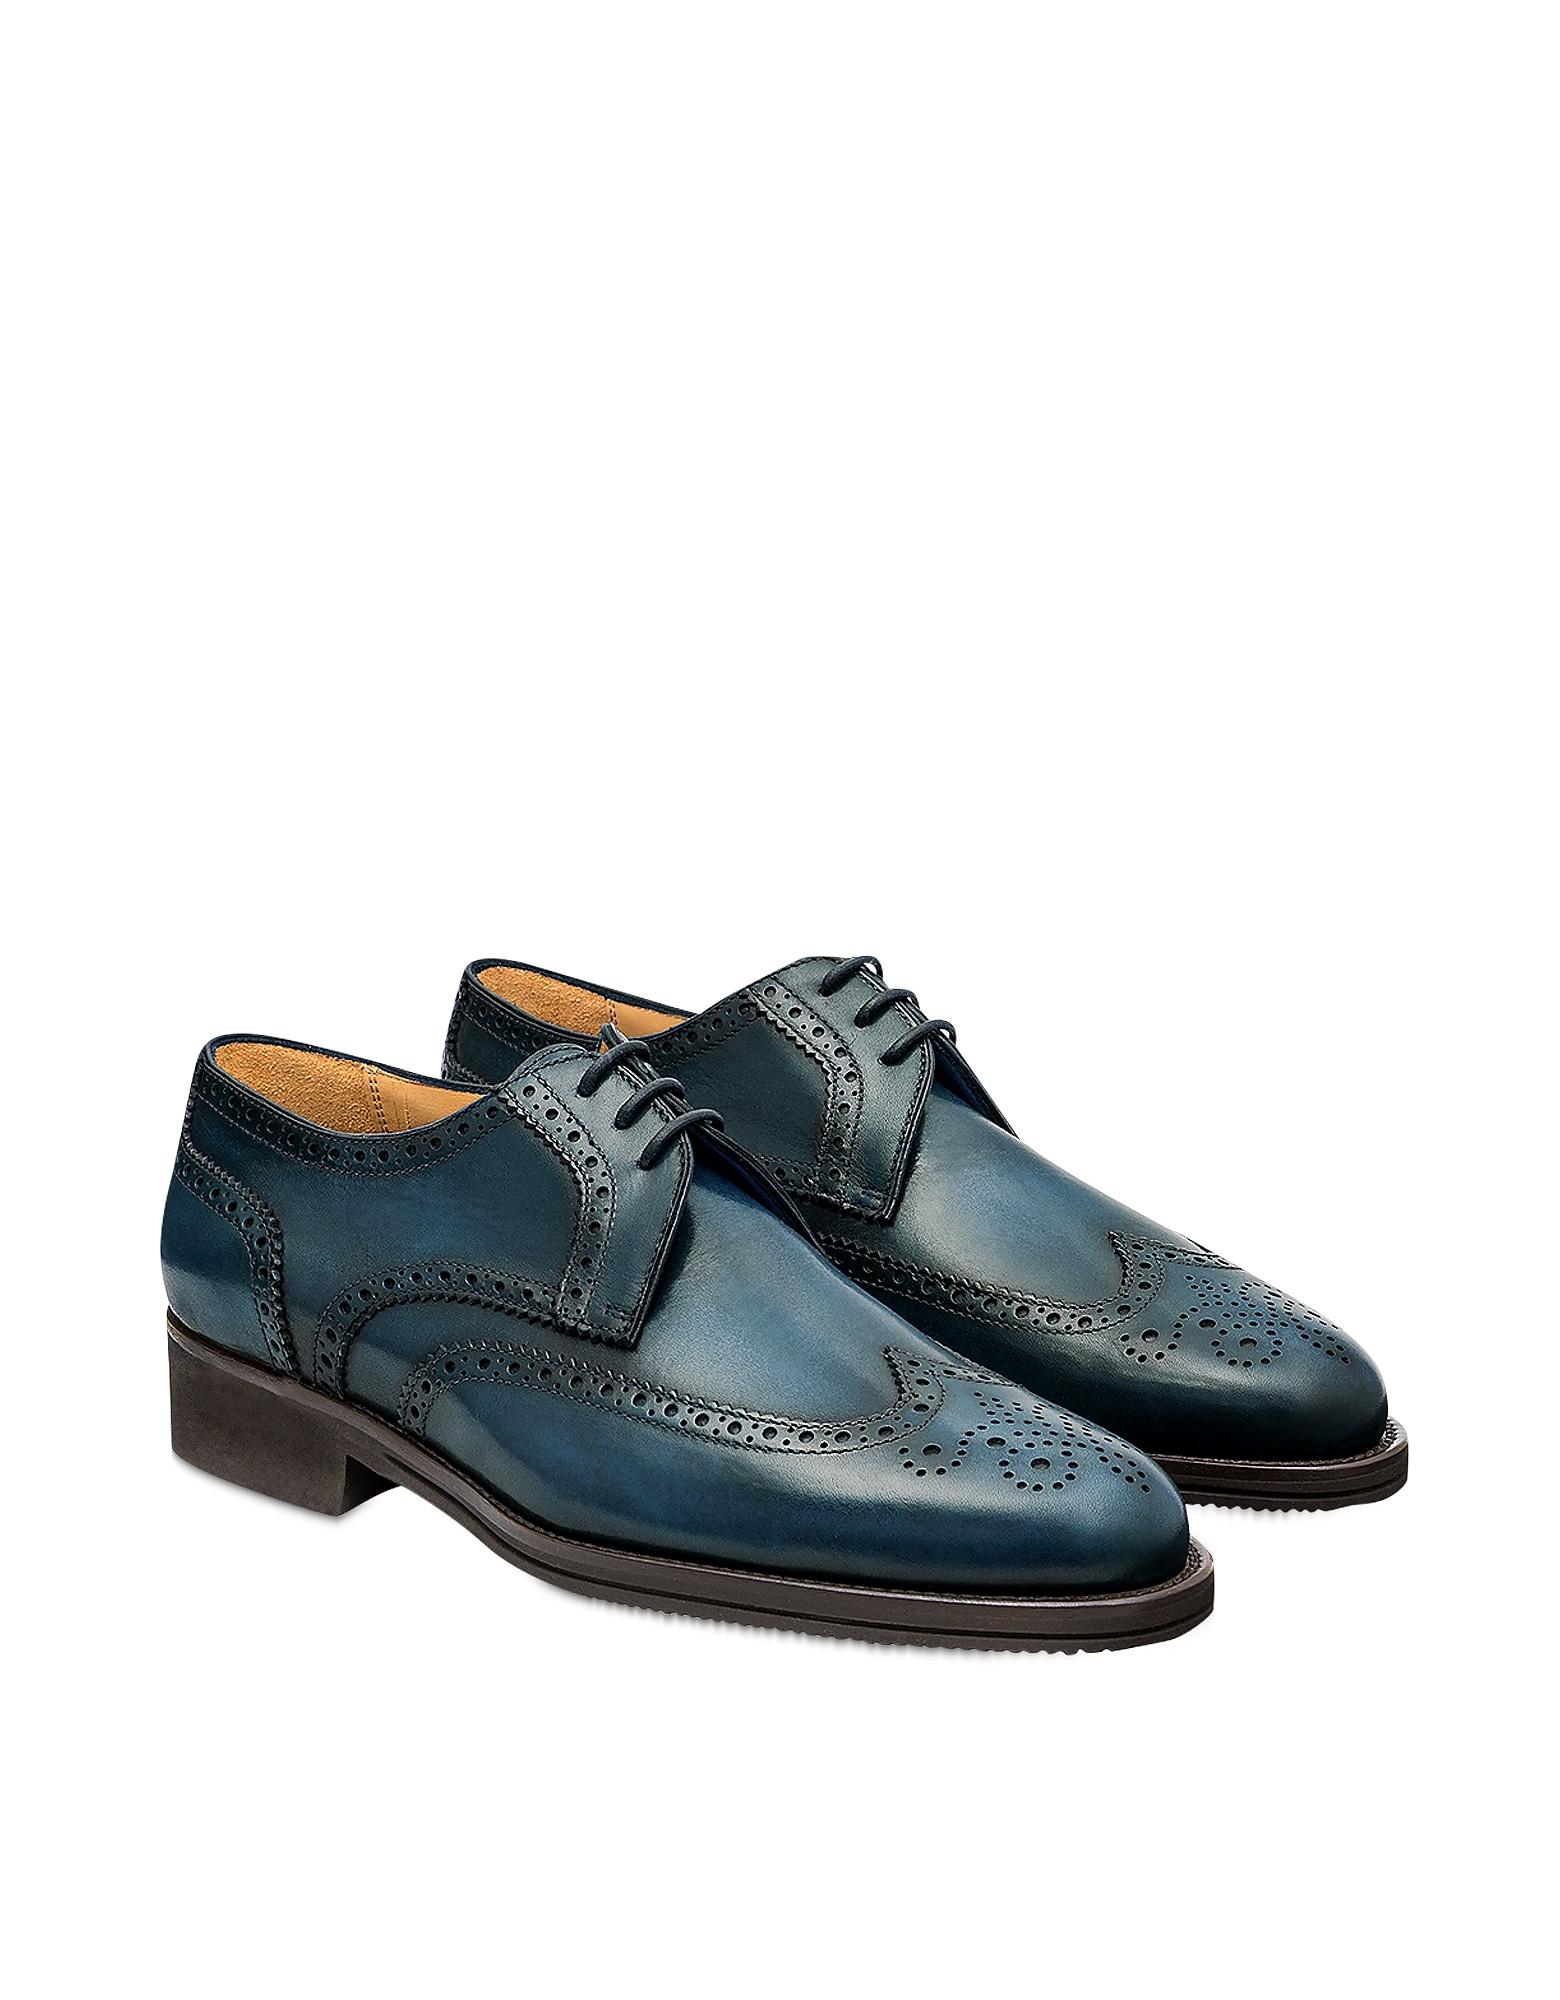 Pakerson Designer Shoes, Blue Pisa Derby Shoe